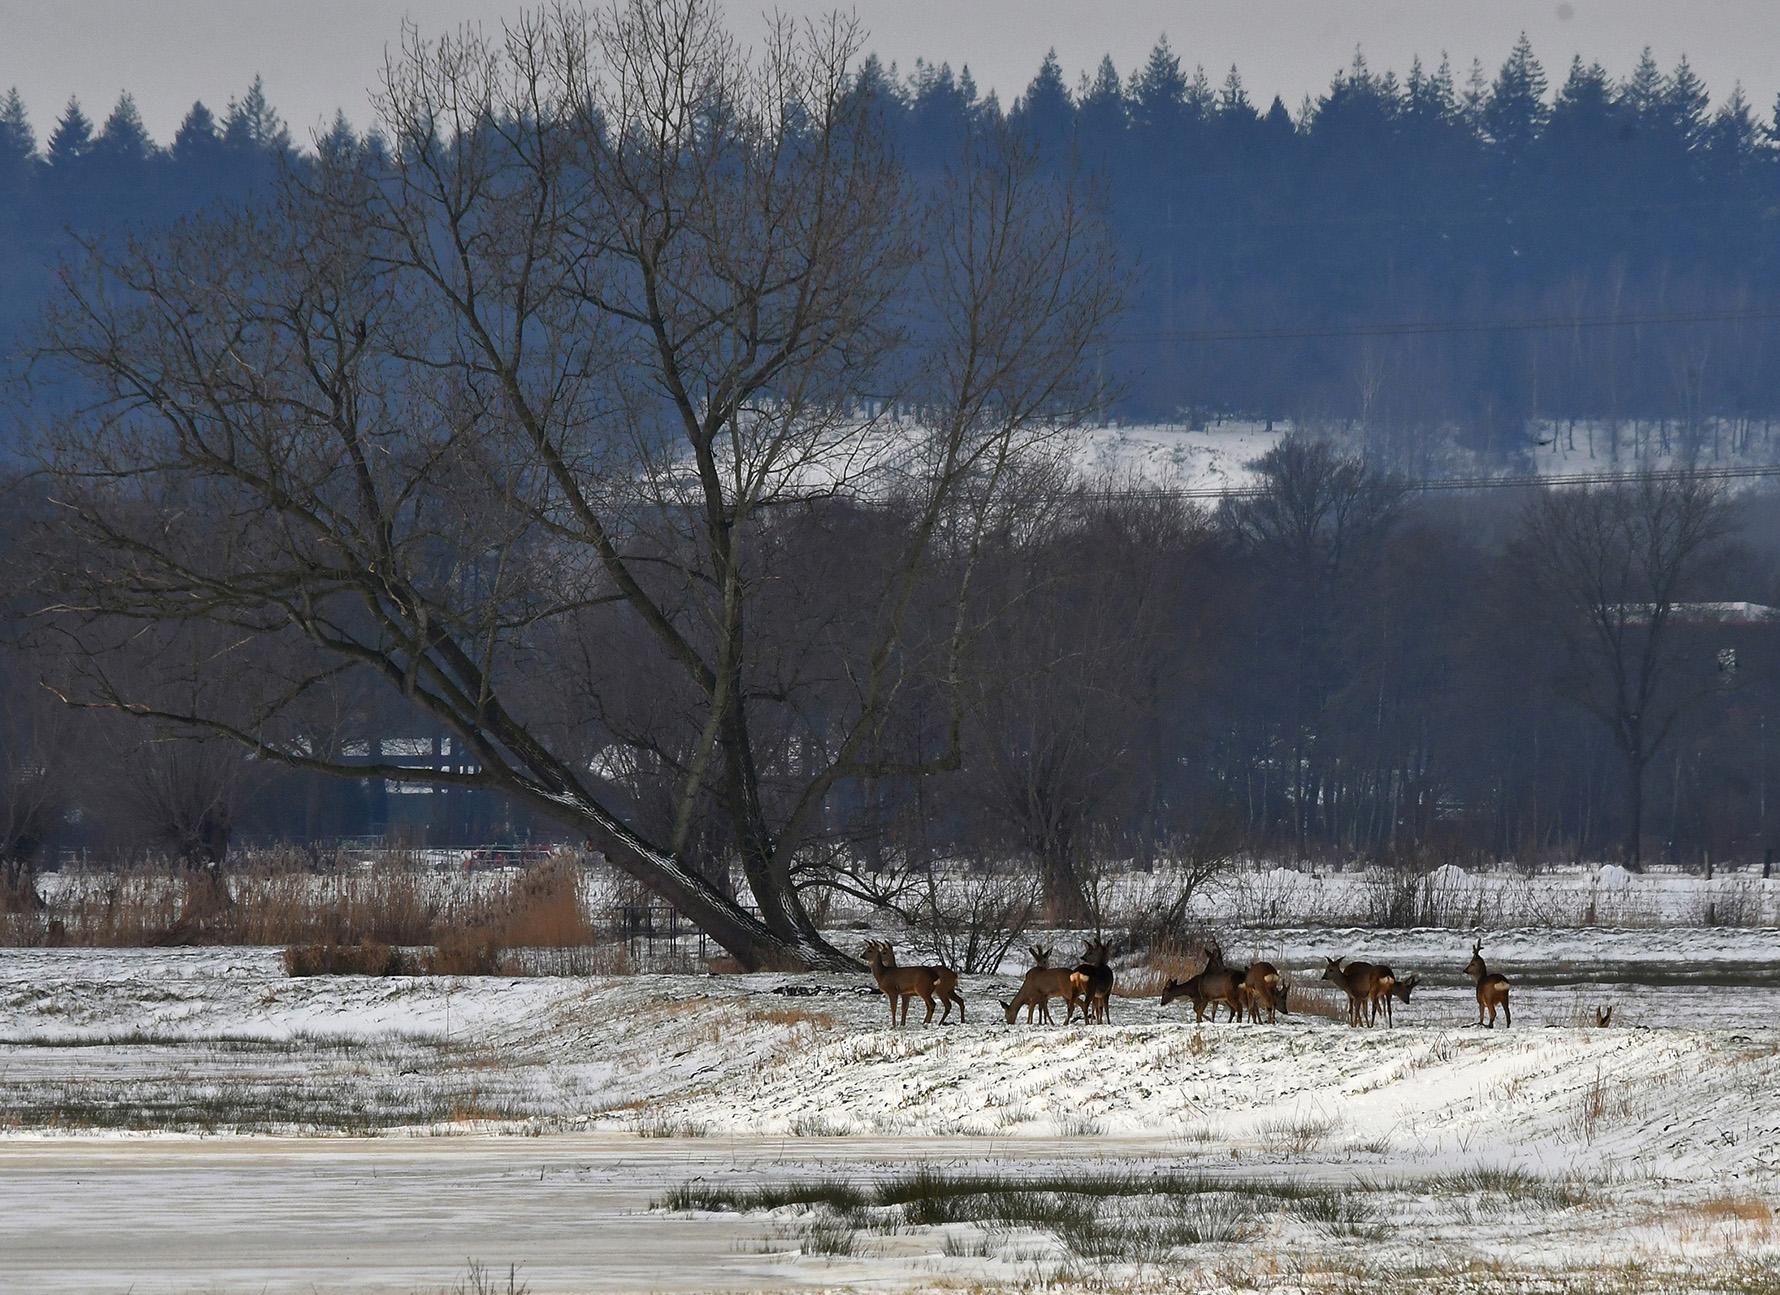 Al speurend ontdekten wij achterin tegen de bosrand een grote groep reeën - Foto: ©Louis Fraanje